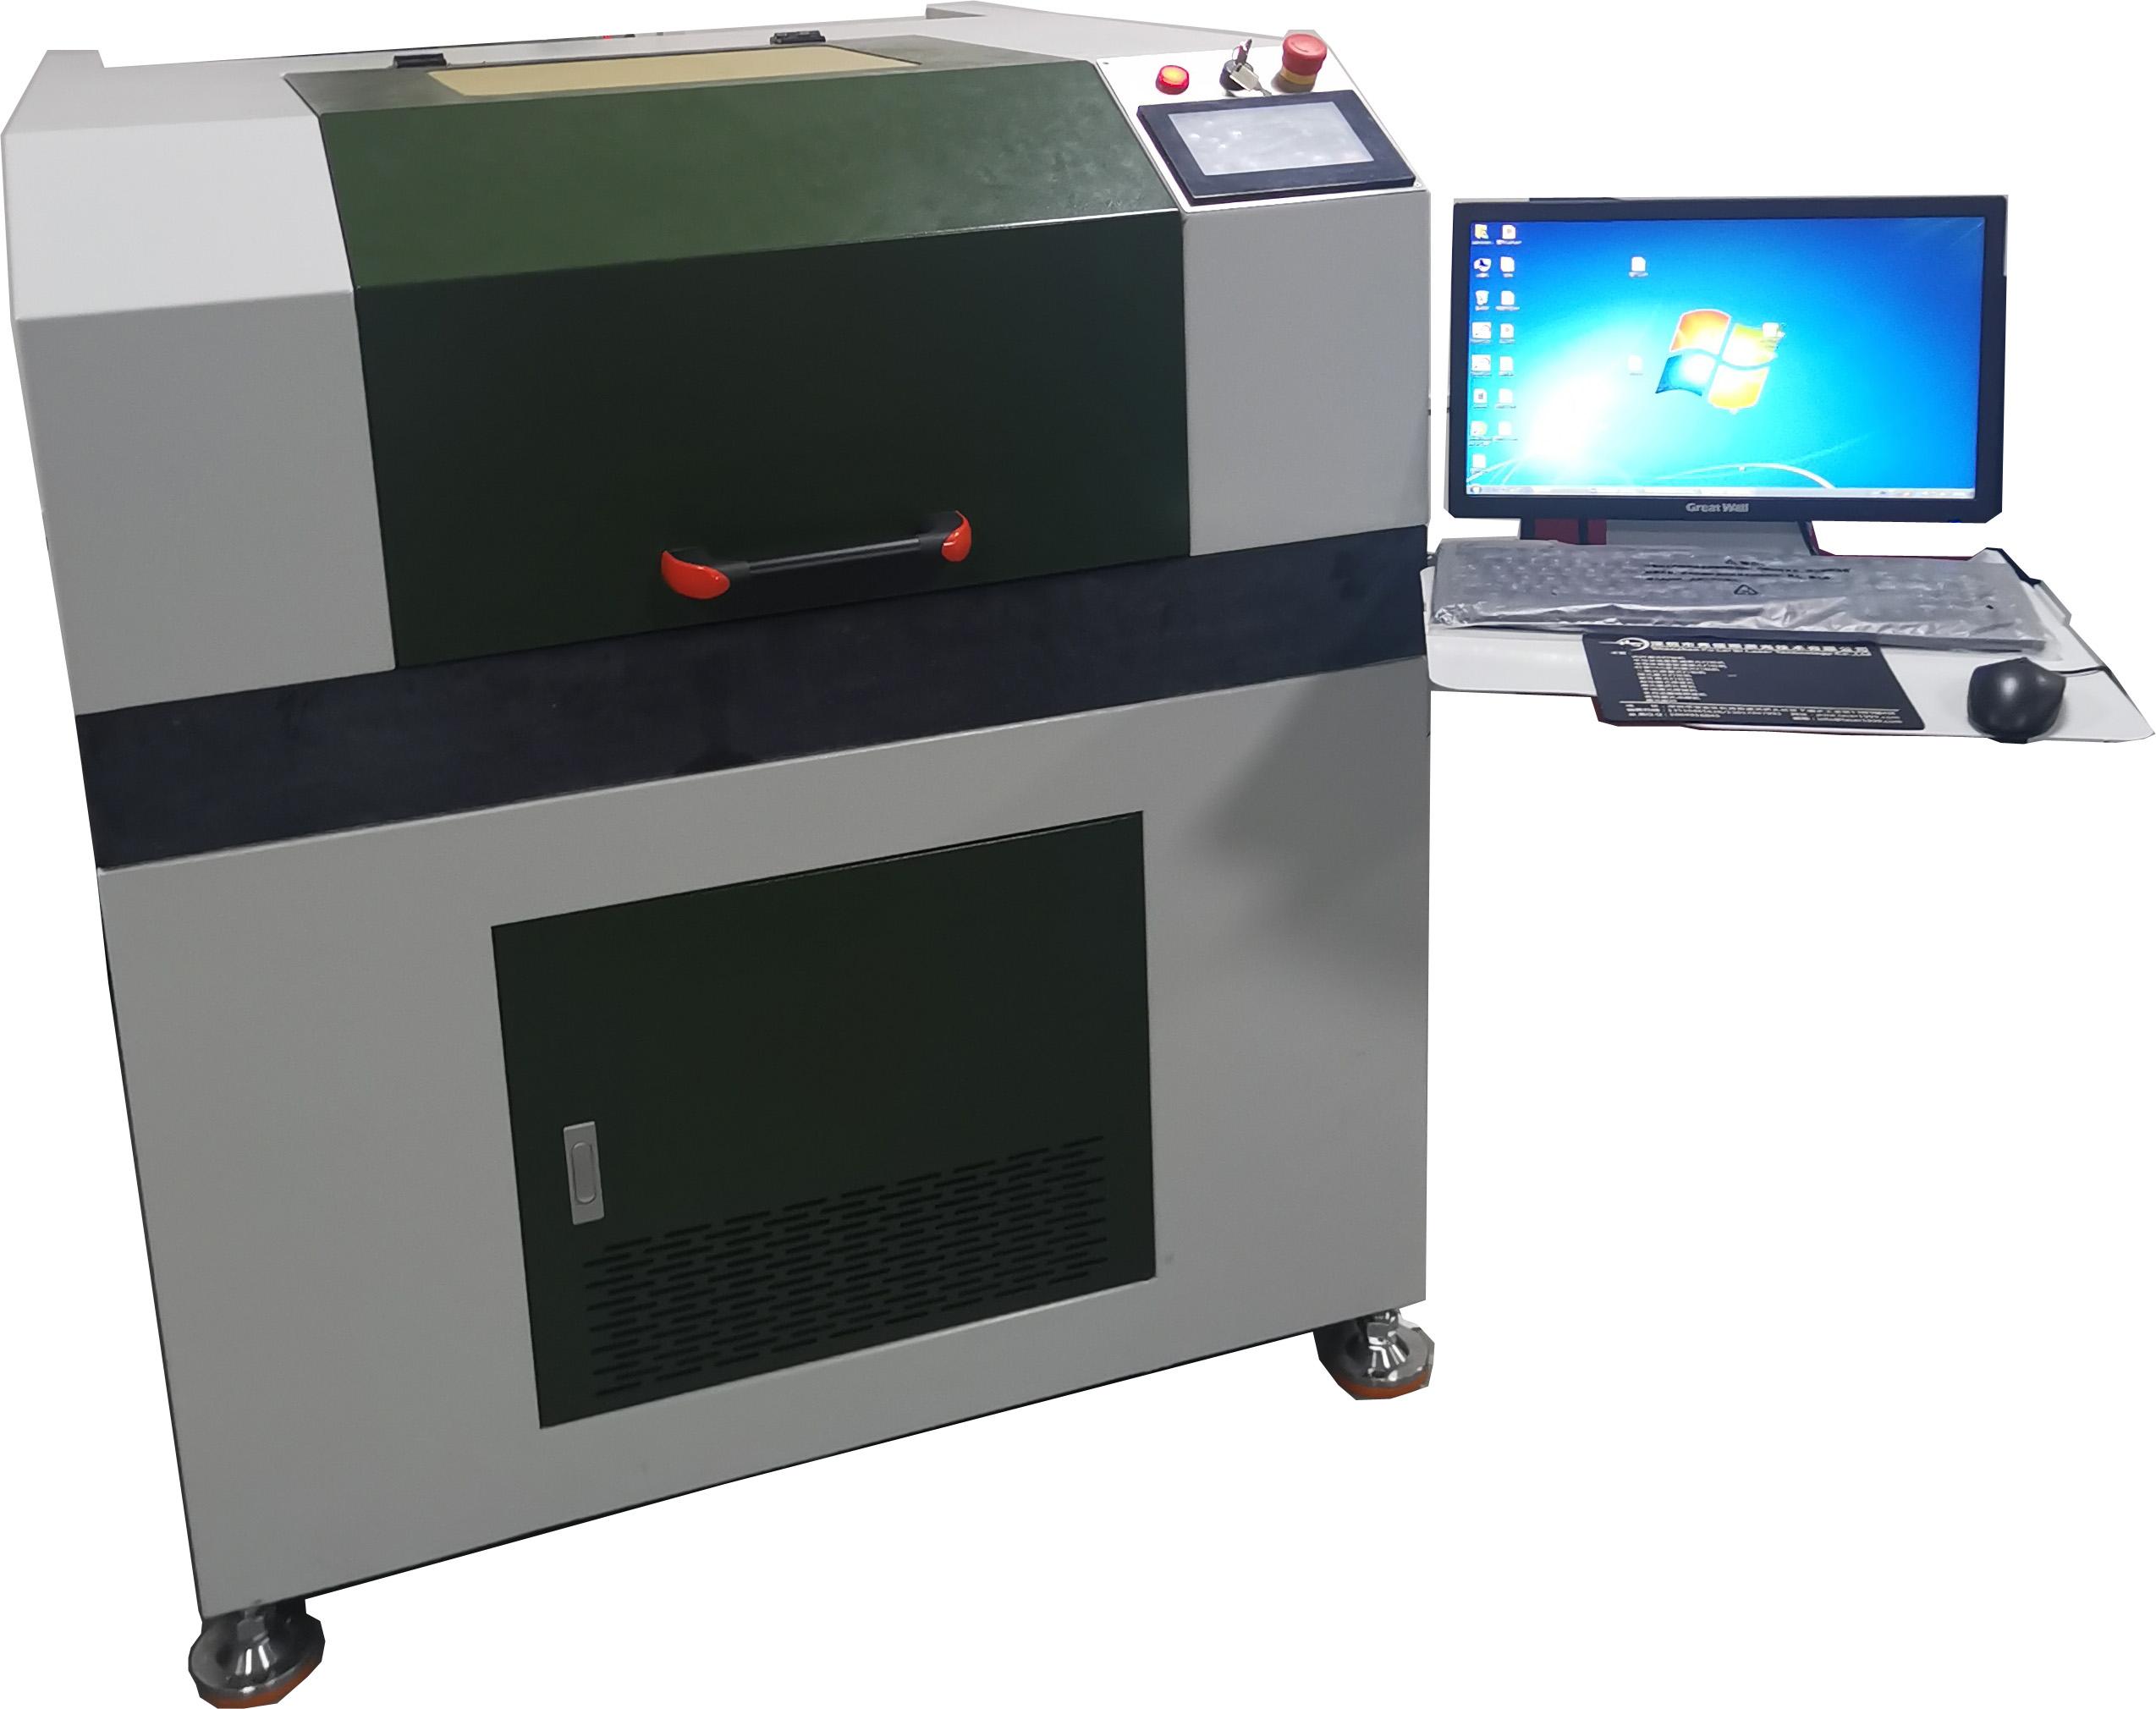 激光切割機使用過程中的注意事項有哪些?